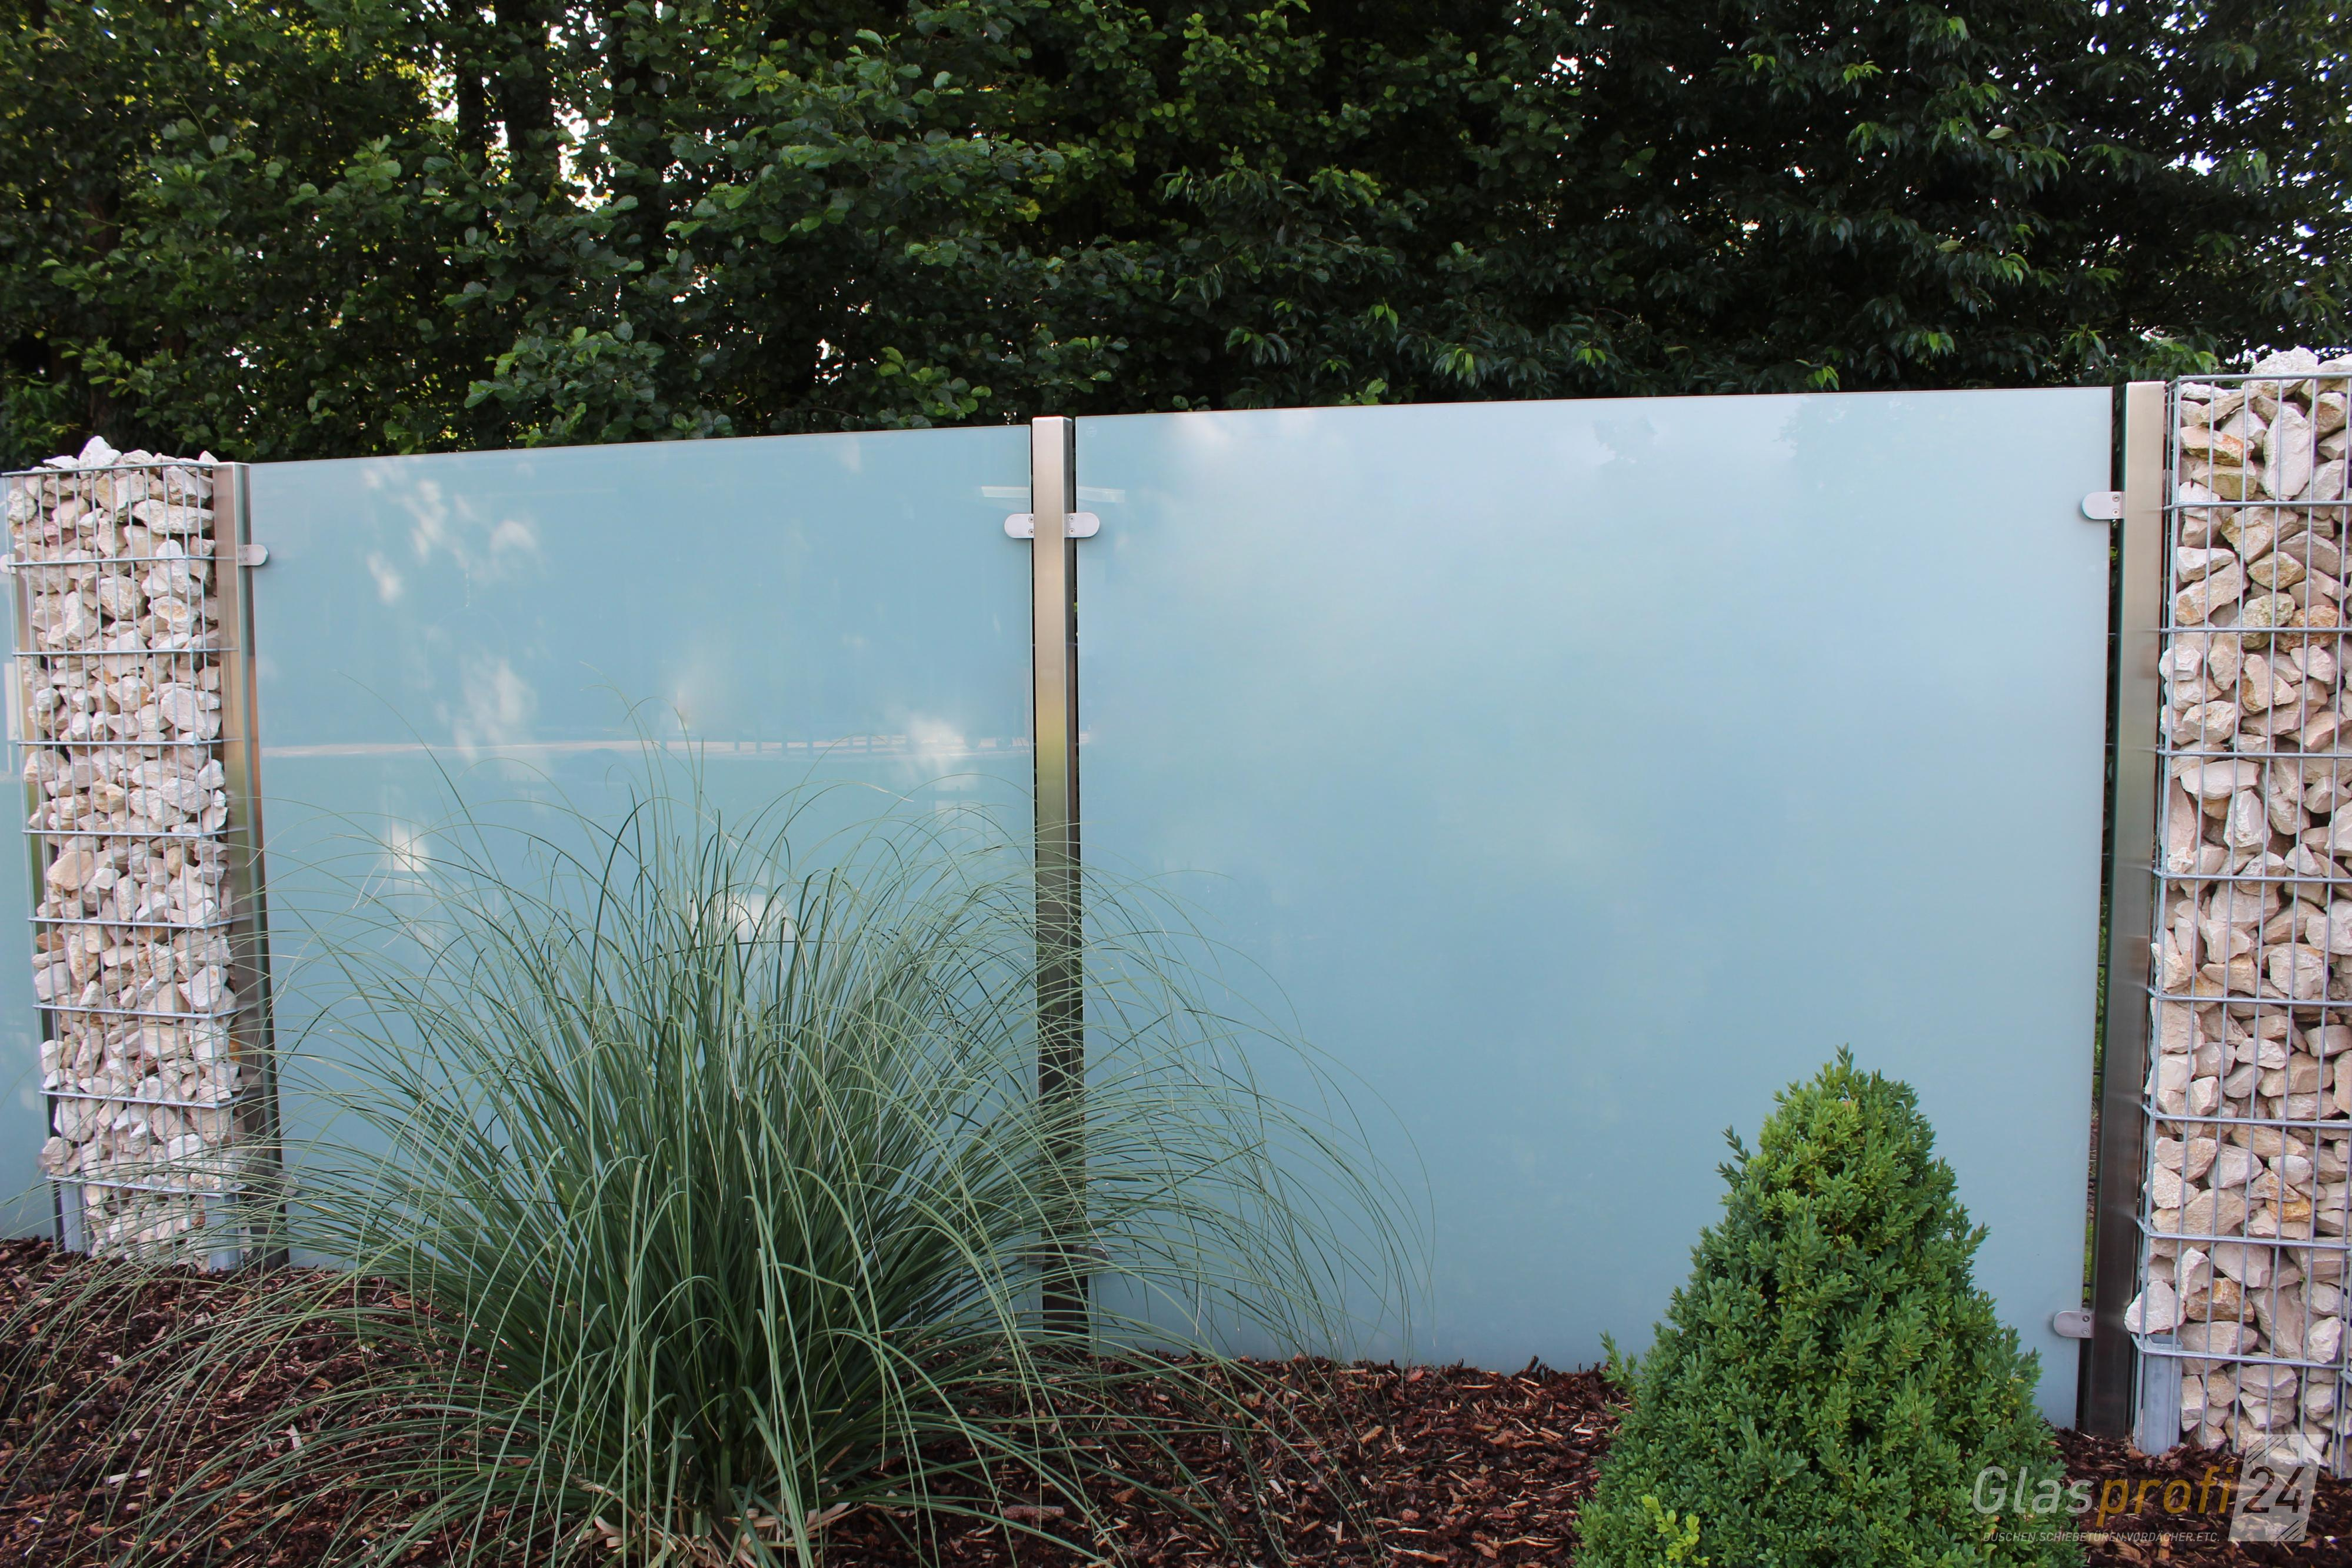 Ungewöhnlich Trennwand Garten Glas Ideen - Heimat Ideen ...